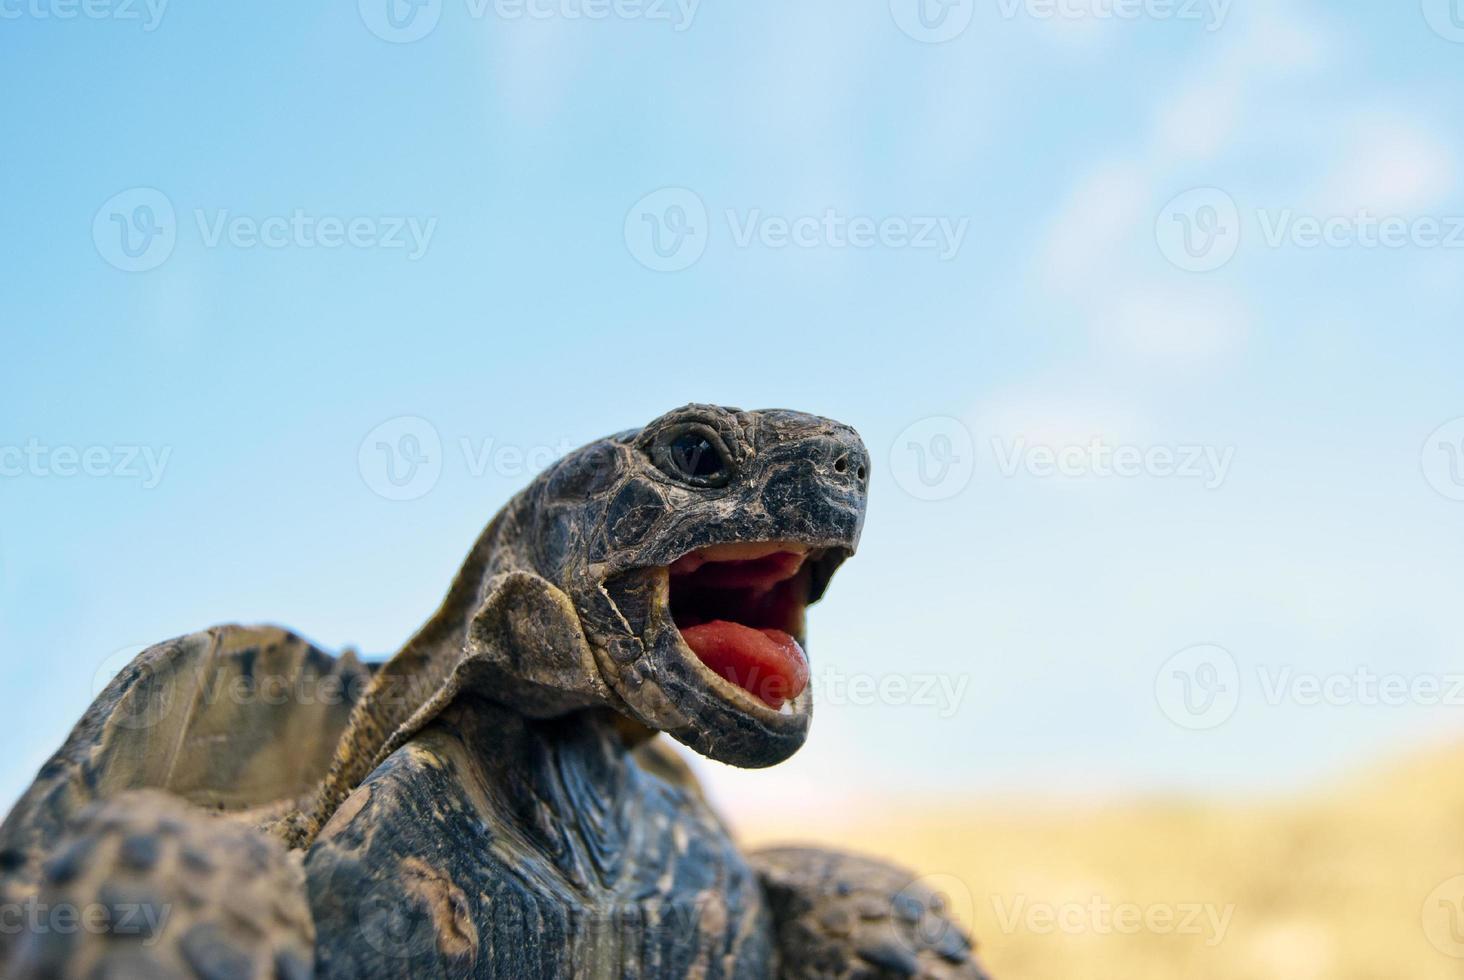 tartaruga gritando foto